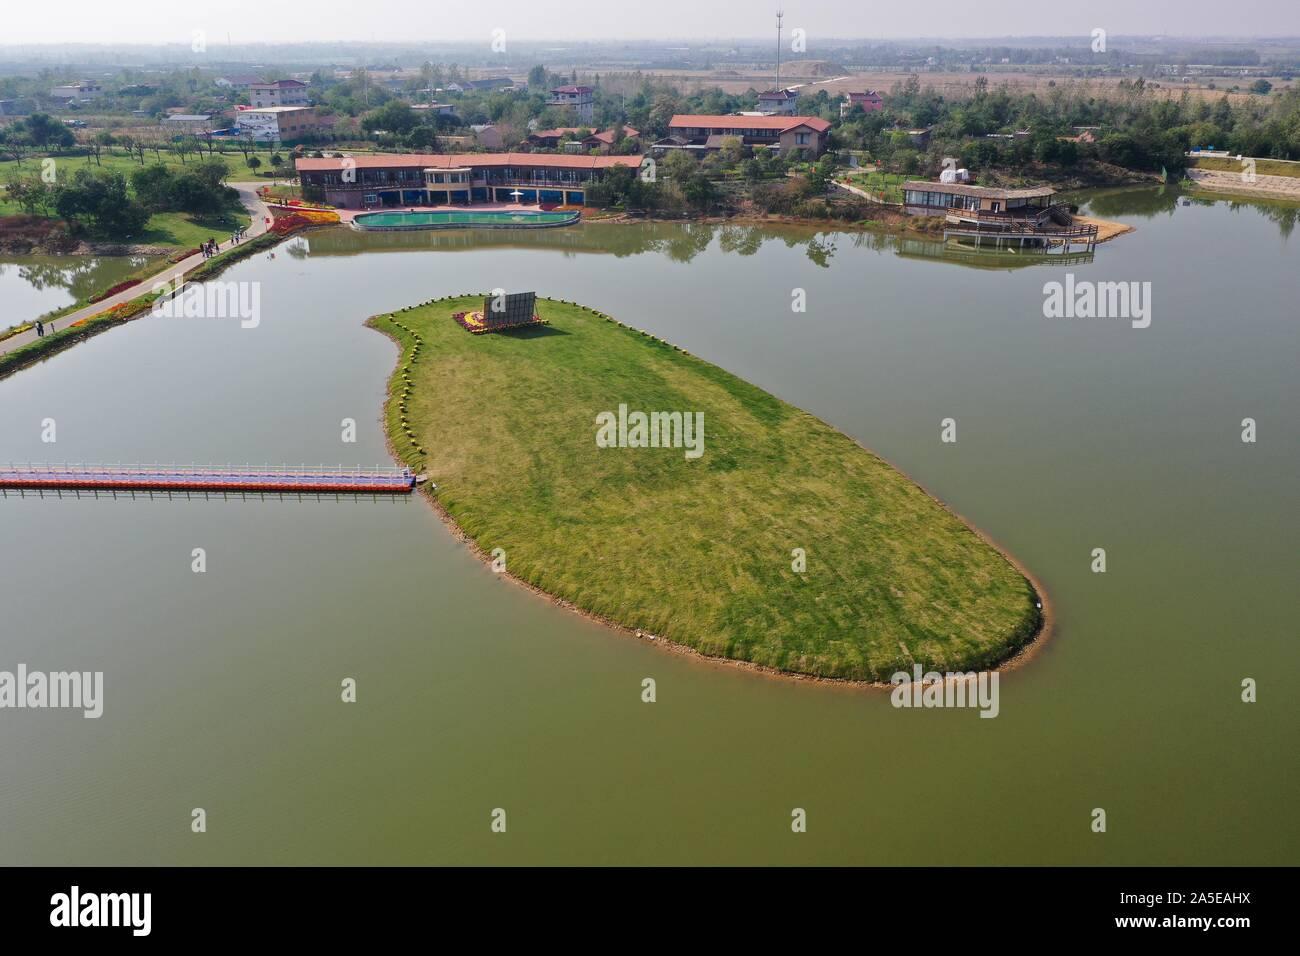 (191020) -- XUZHOU, 20 ott. 2019 (Xinhua) -- Foto aeree prese su Ott. 19, 2019 mostra una vista della famiglia area Songzhuang nel villaggio di Xinyi City, est cinese della provincia di Jiangsu. In questi ultimi anni, Xinyi città ha accelerato gli sforzi sullo sviluppo di homestay economia per promuovere il turismo culturale e la rivitalizzazione delle zone rurali. (Xinhua/Ji Chunpeng) Foto Stock